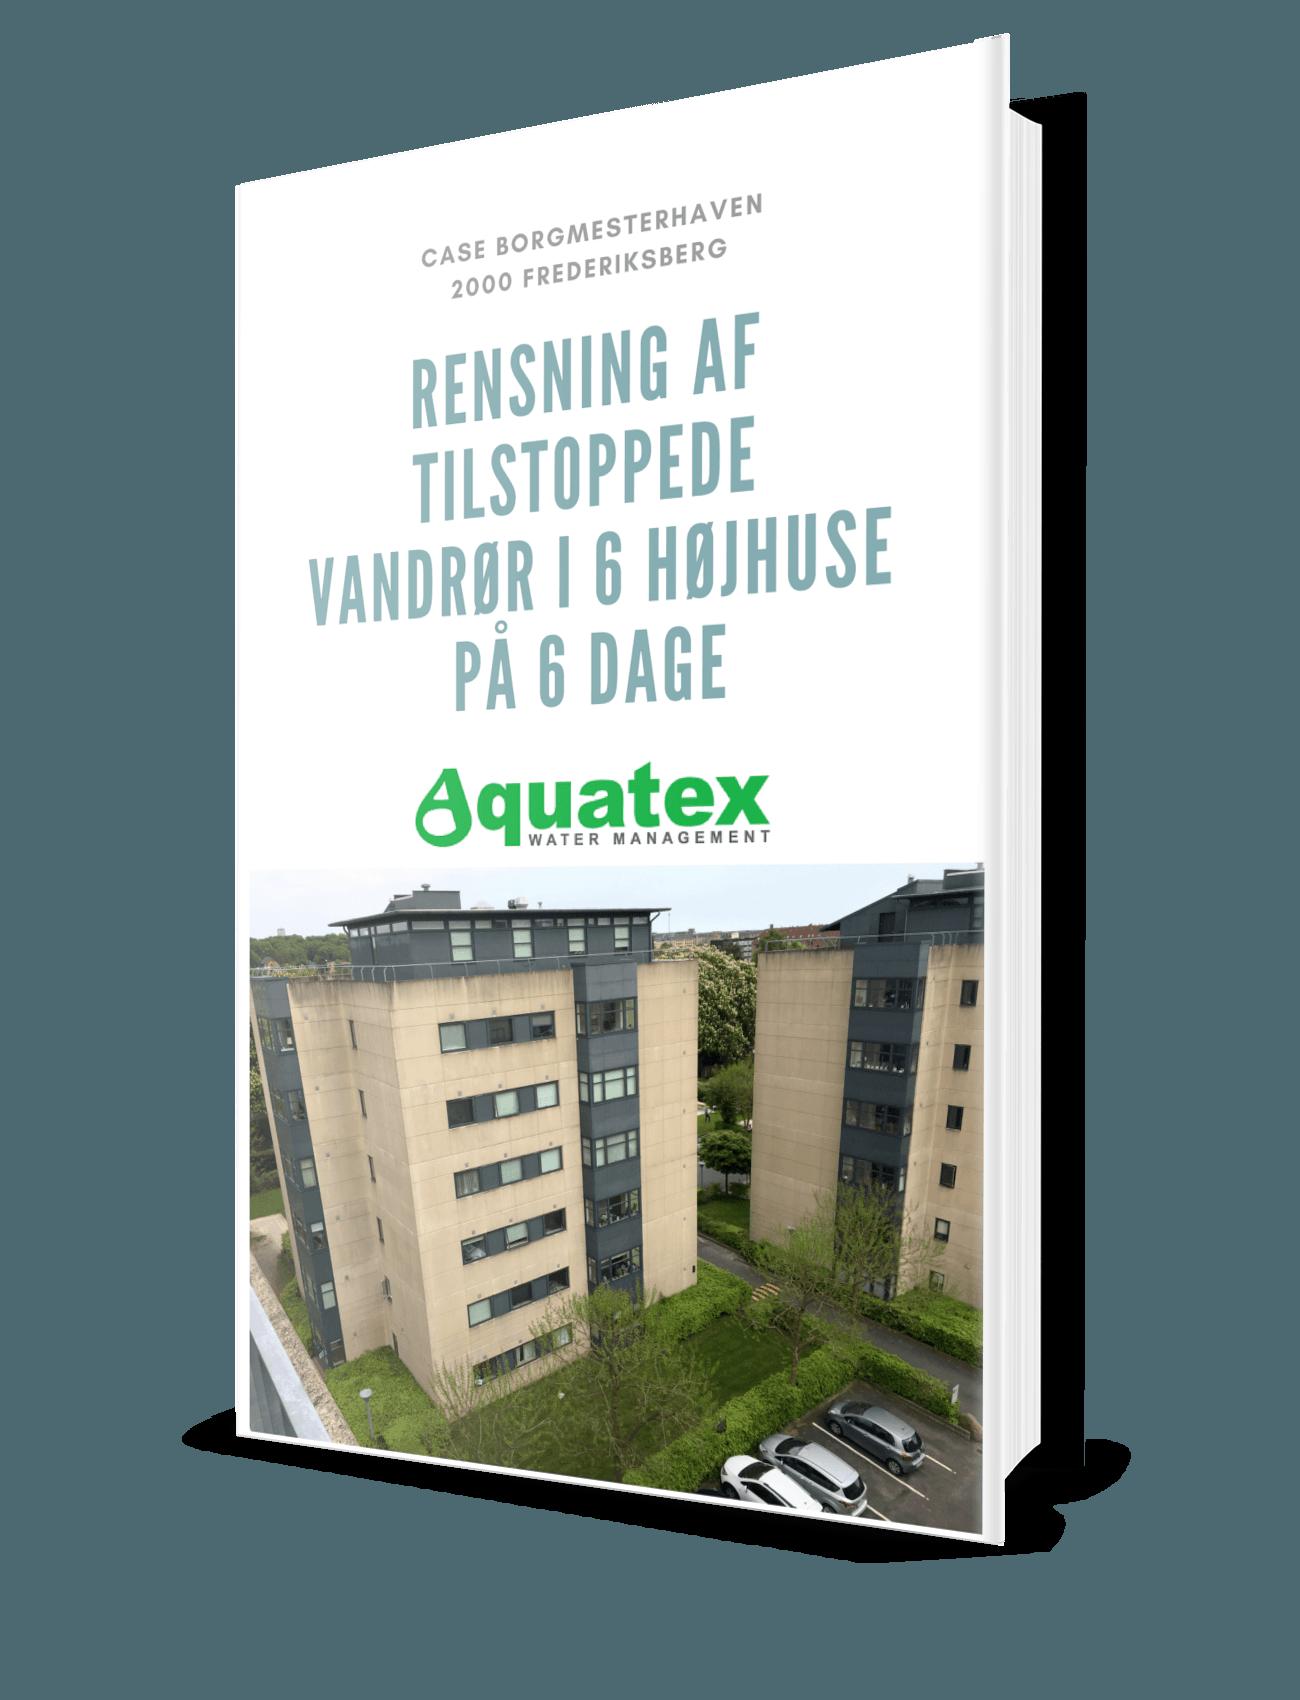 Case rensning af vandrør Borgmesterhaven Frederiksberg